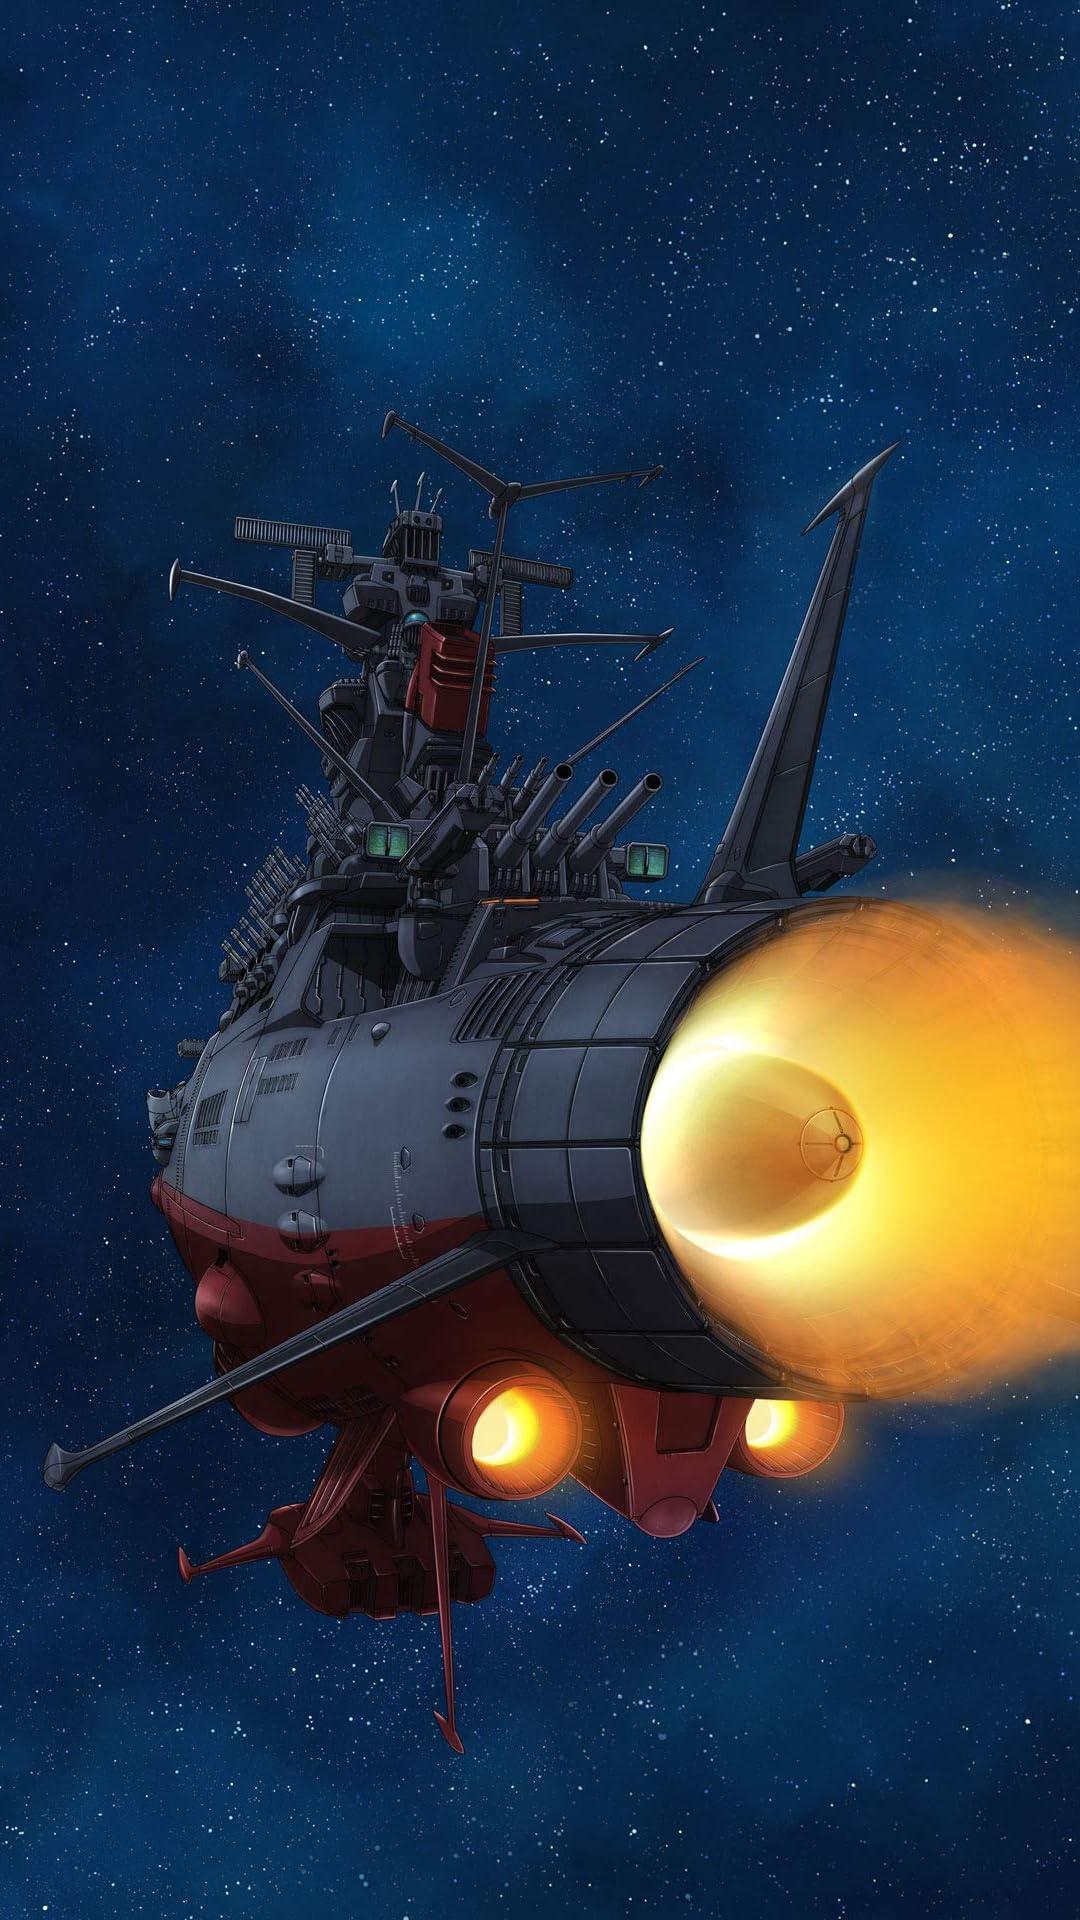 宇宙戦艦ヤマト フルhd 1080 19 スマホ壁紙 待受 宇宙戦艦ヤマト22 愛の戦士たち アニメ スマホ用画像